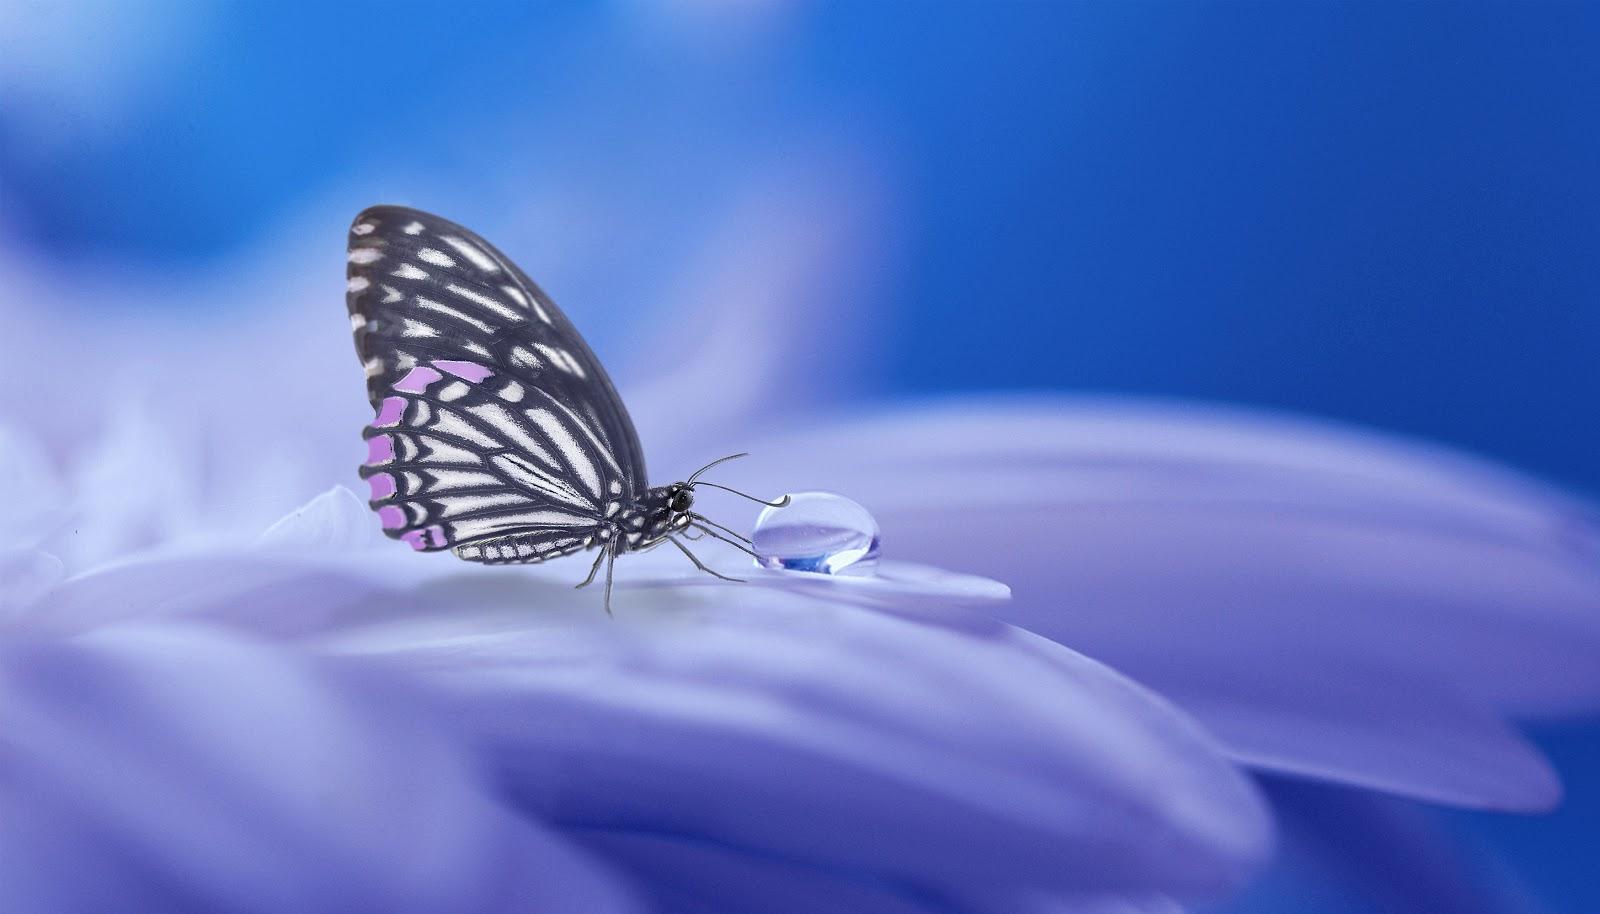 薄紫の花びらに留待って水滴を吸っている一匹の蝶